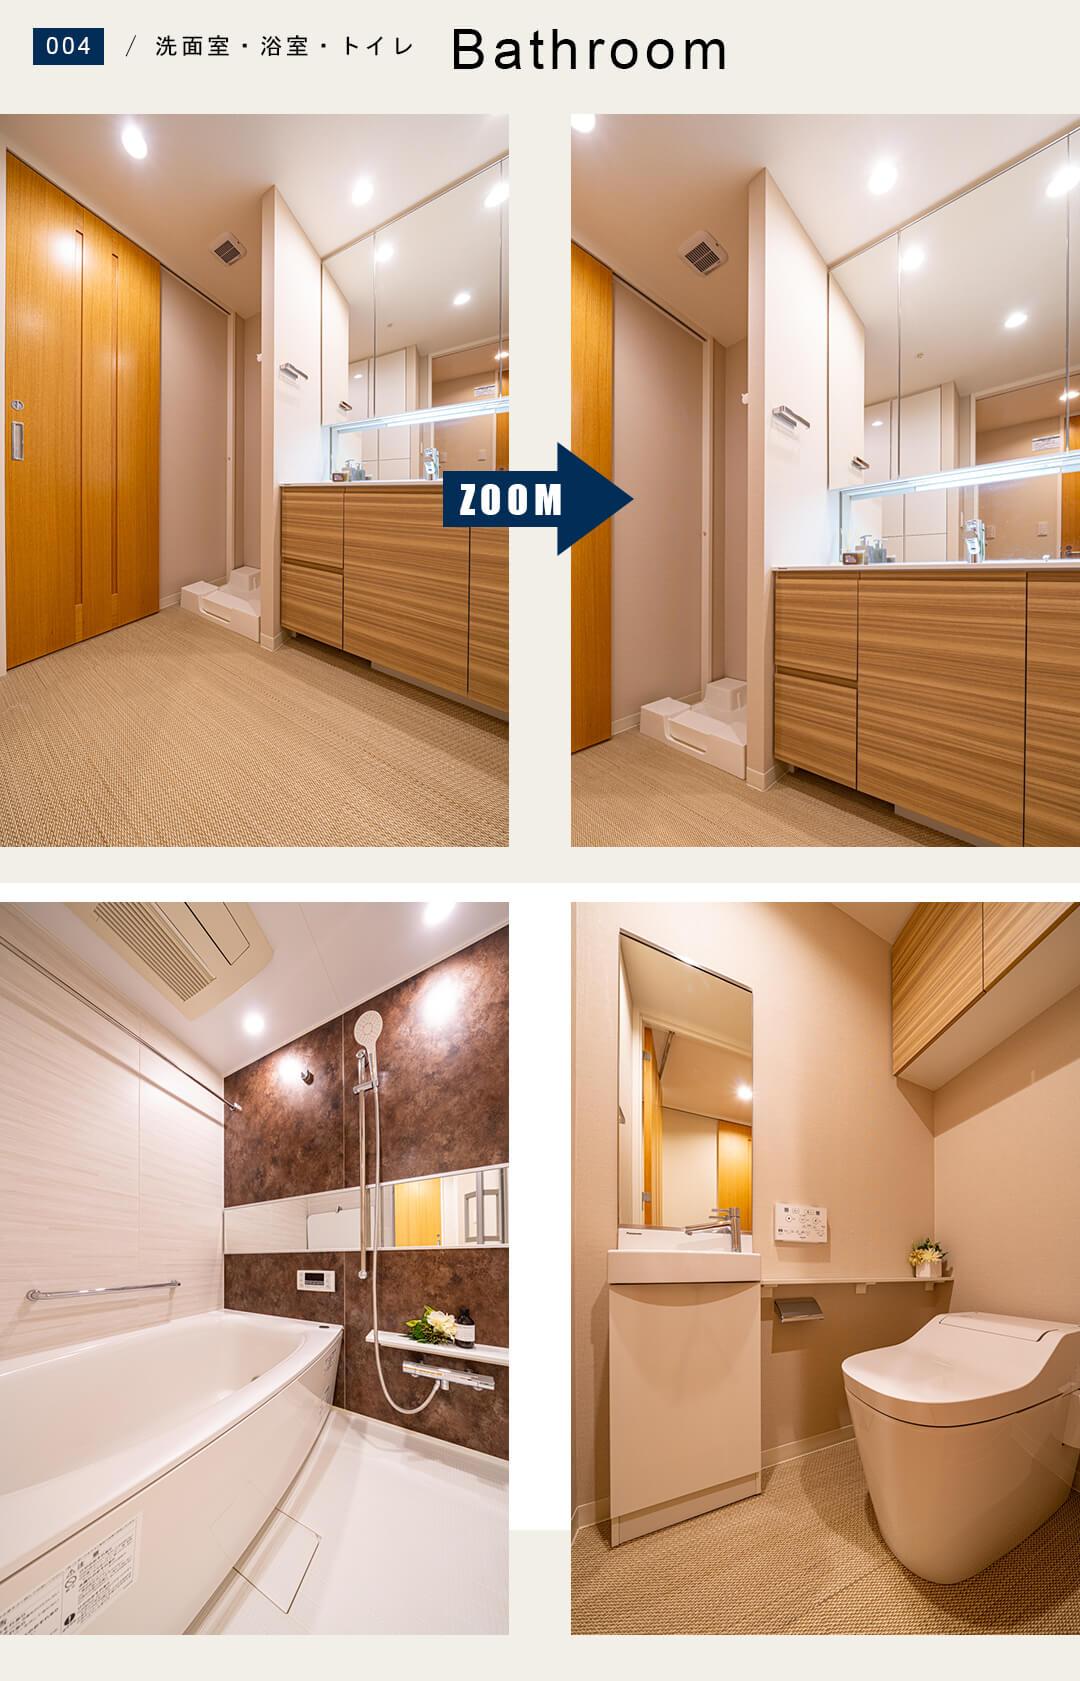 マジェスティハウス新宿御苑パークナードの洗面室と浴室とトイレ